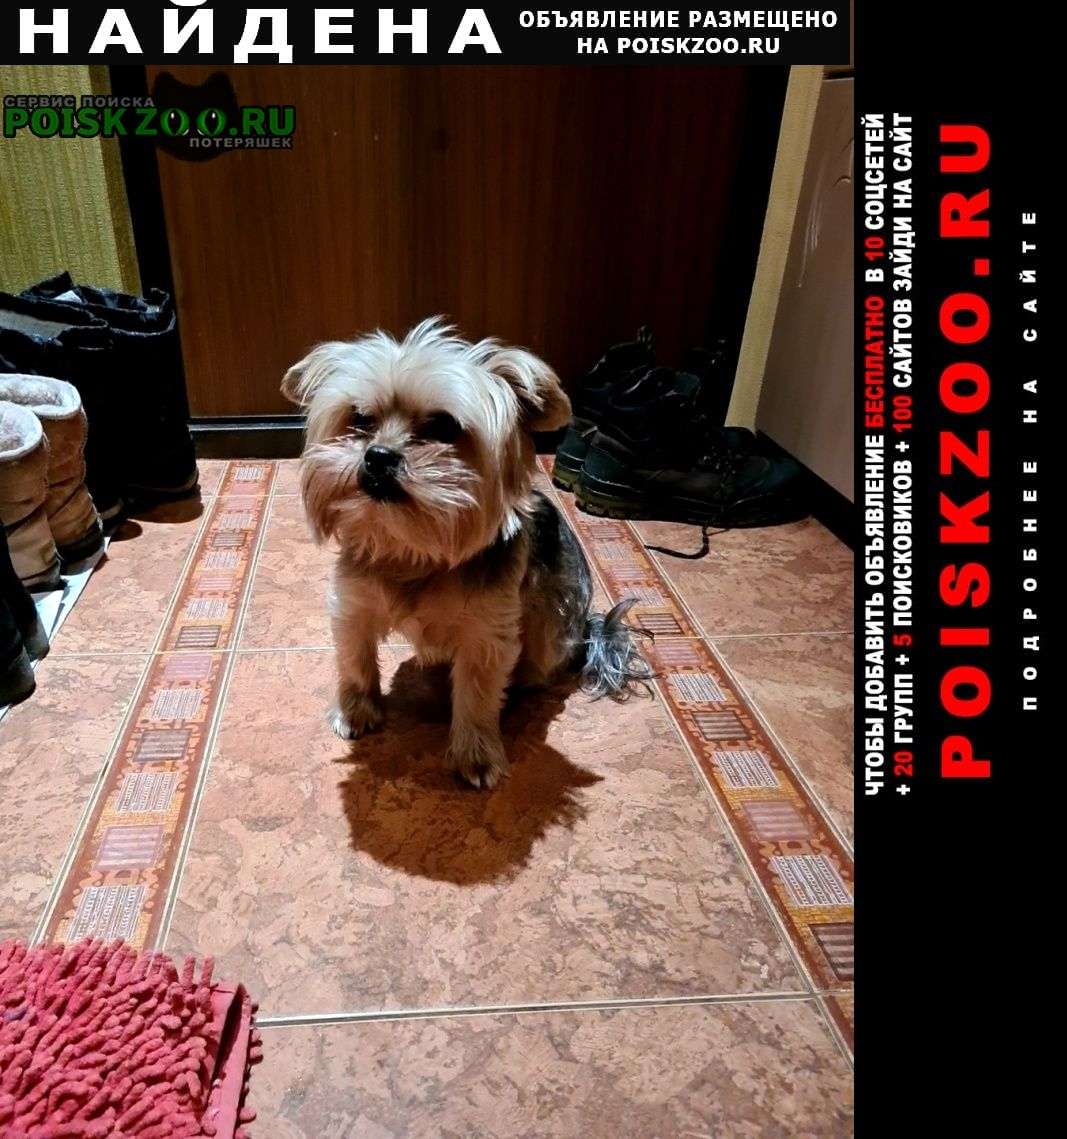 Найдена собака йорк мальчик Москва